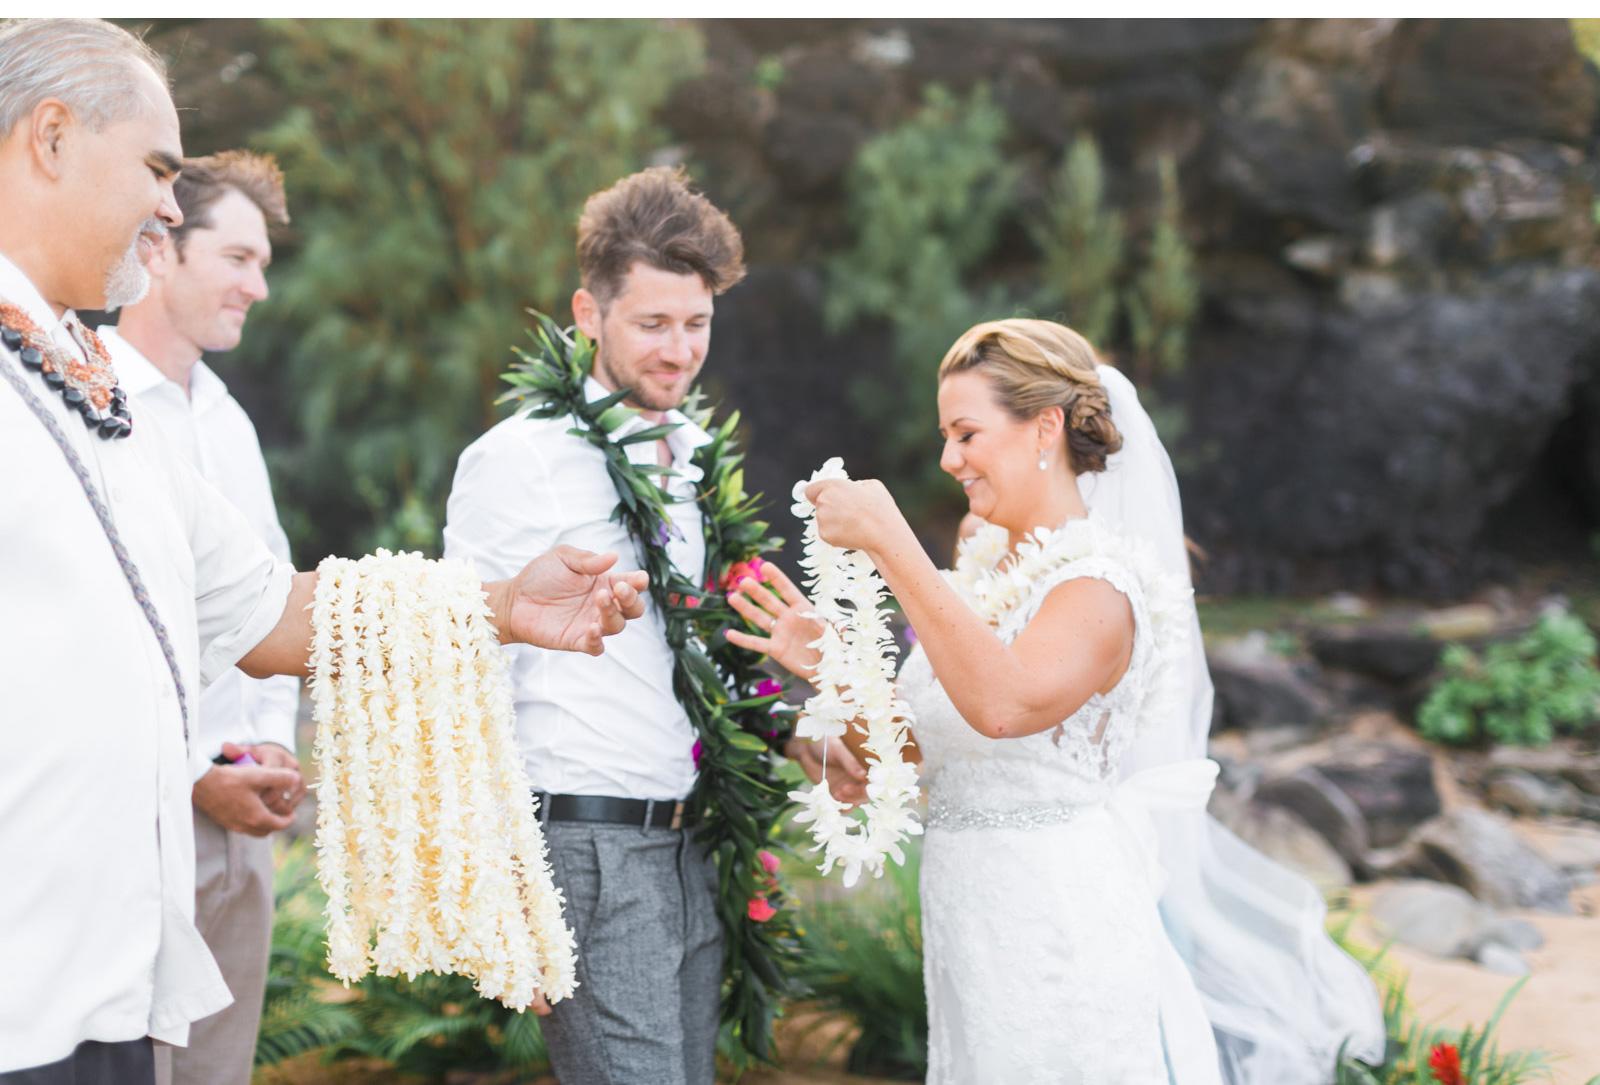 Natalie-Schutt-Photography---Maui-Elopement-Photographer_02.jpg